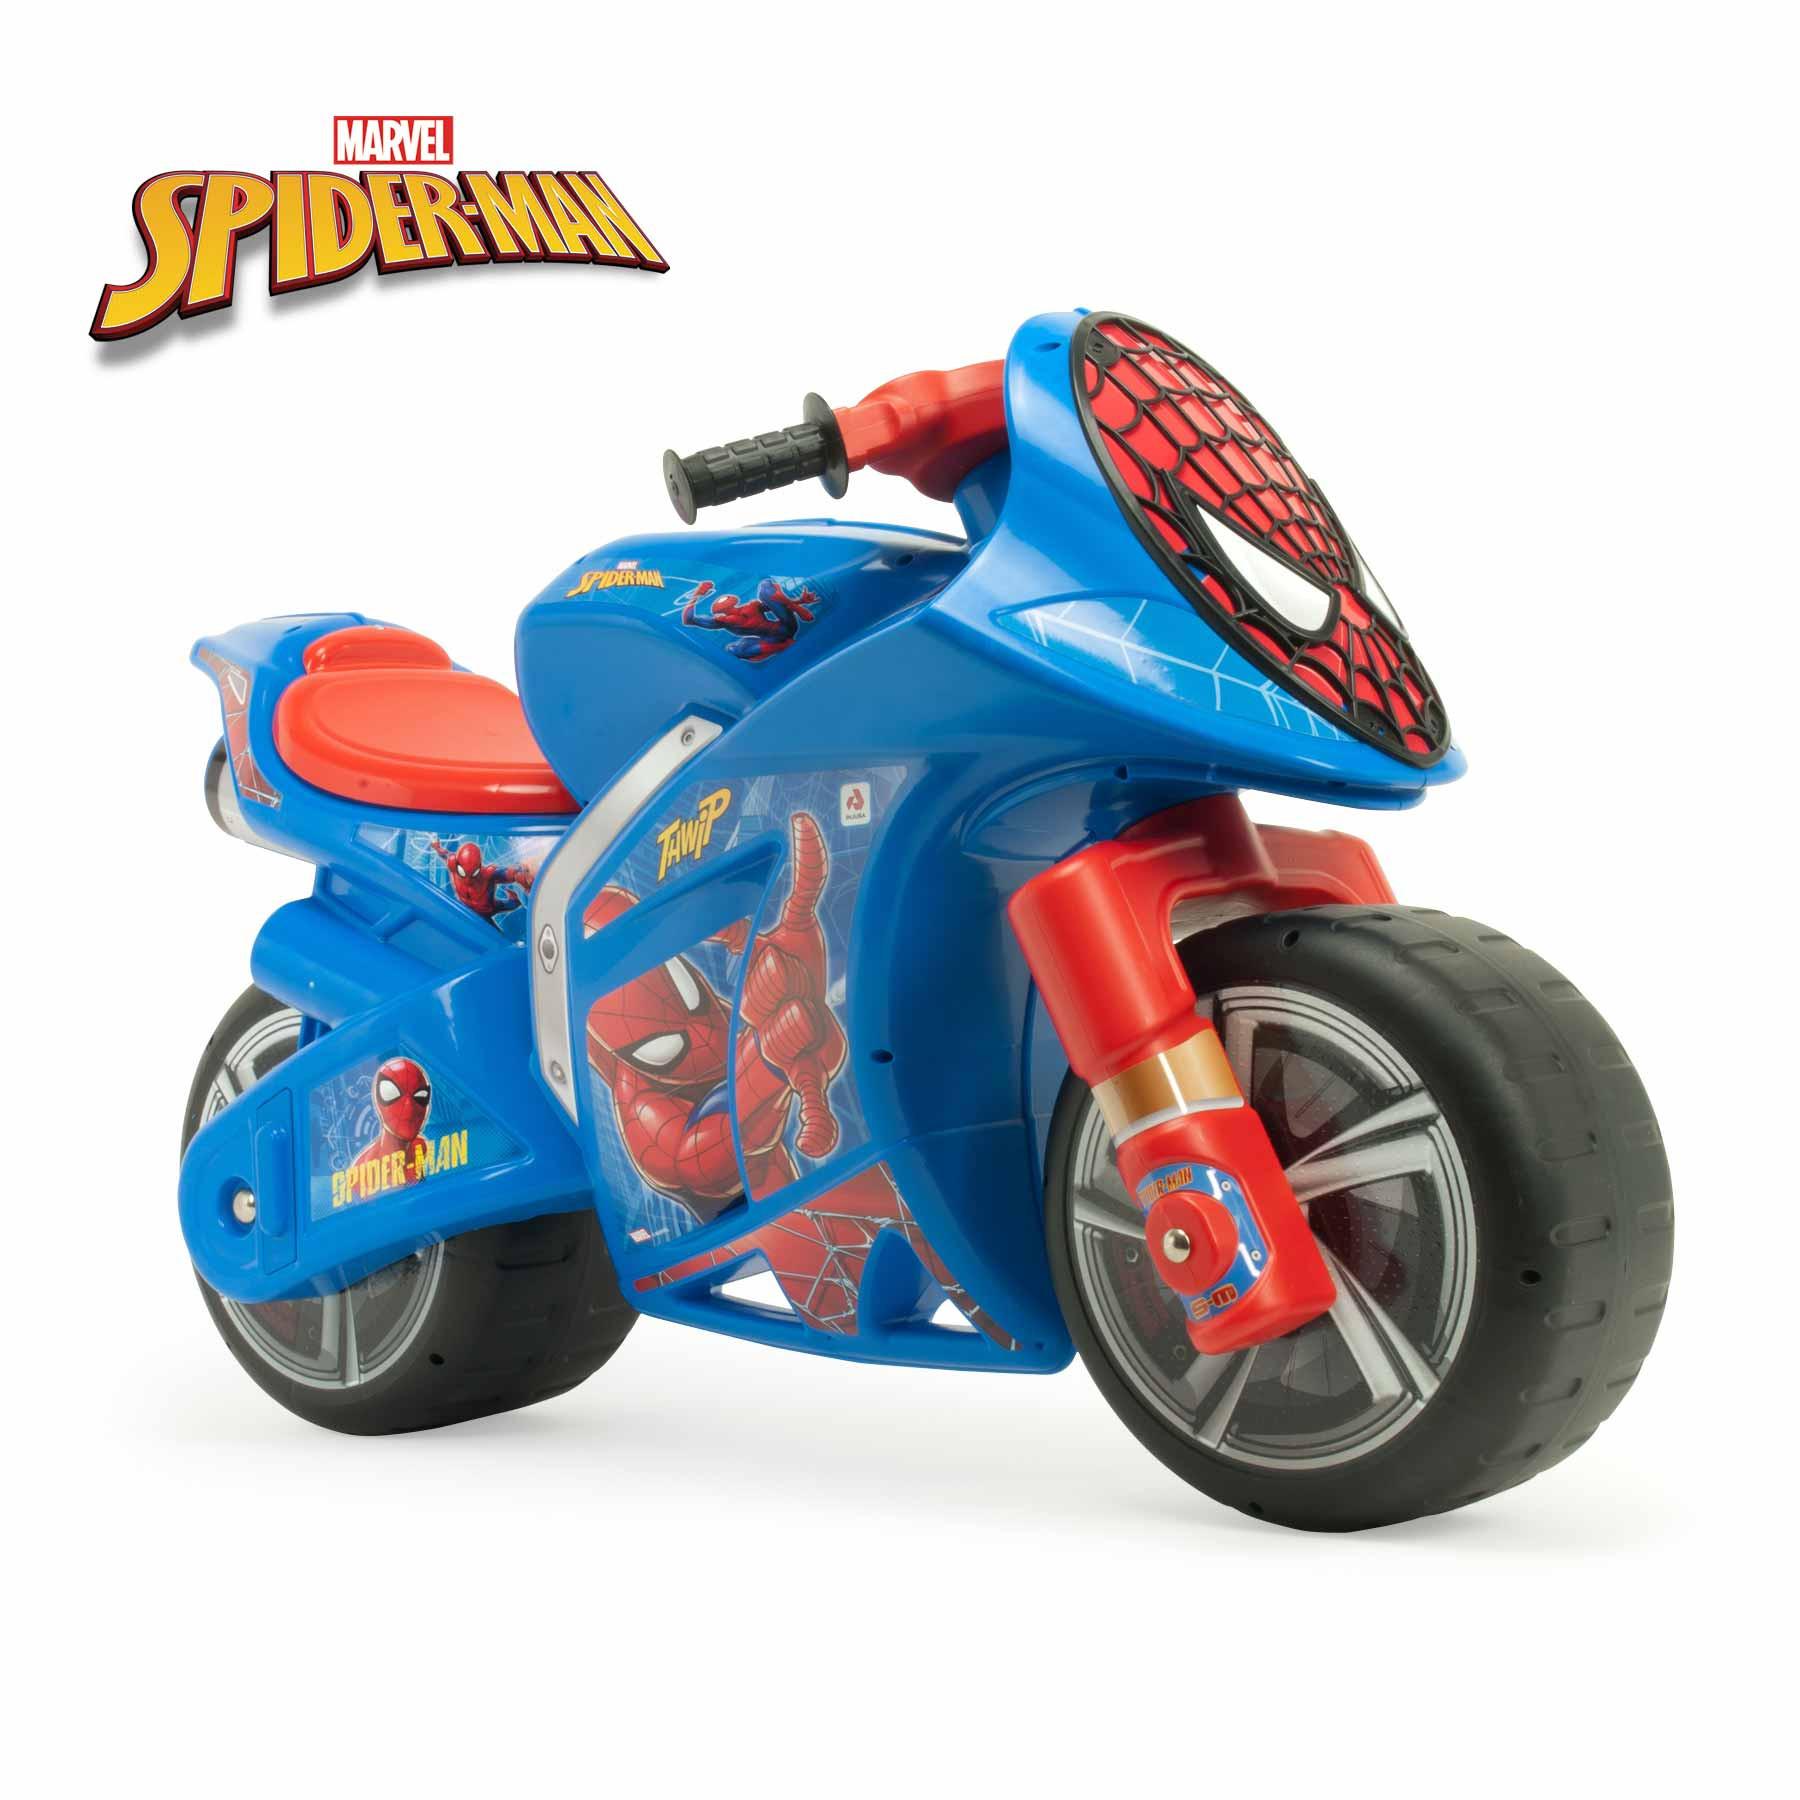 Moto Correpasillos XL Wind Spiderman Color Azul